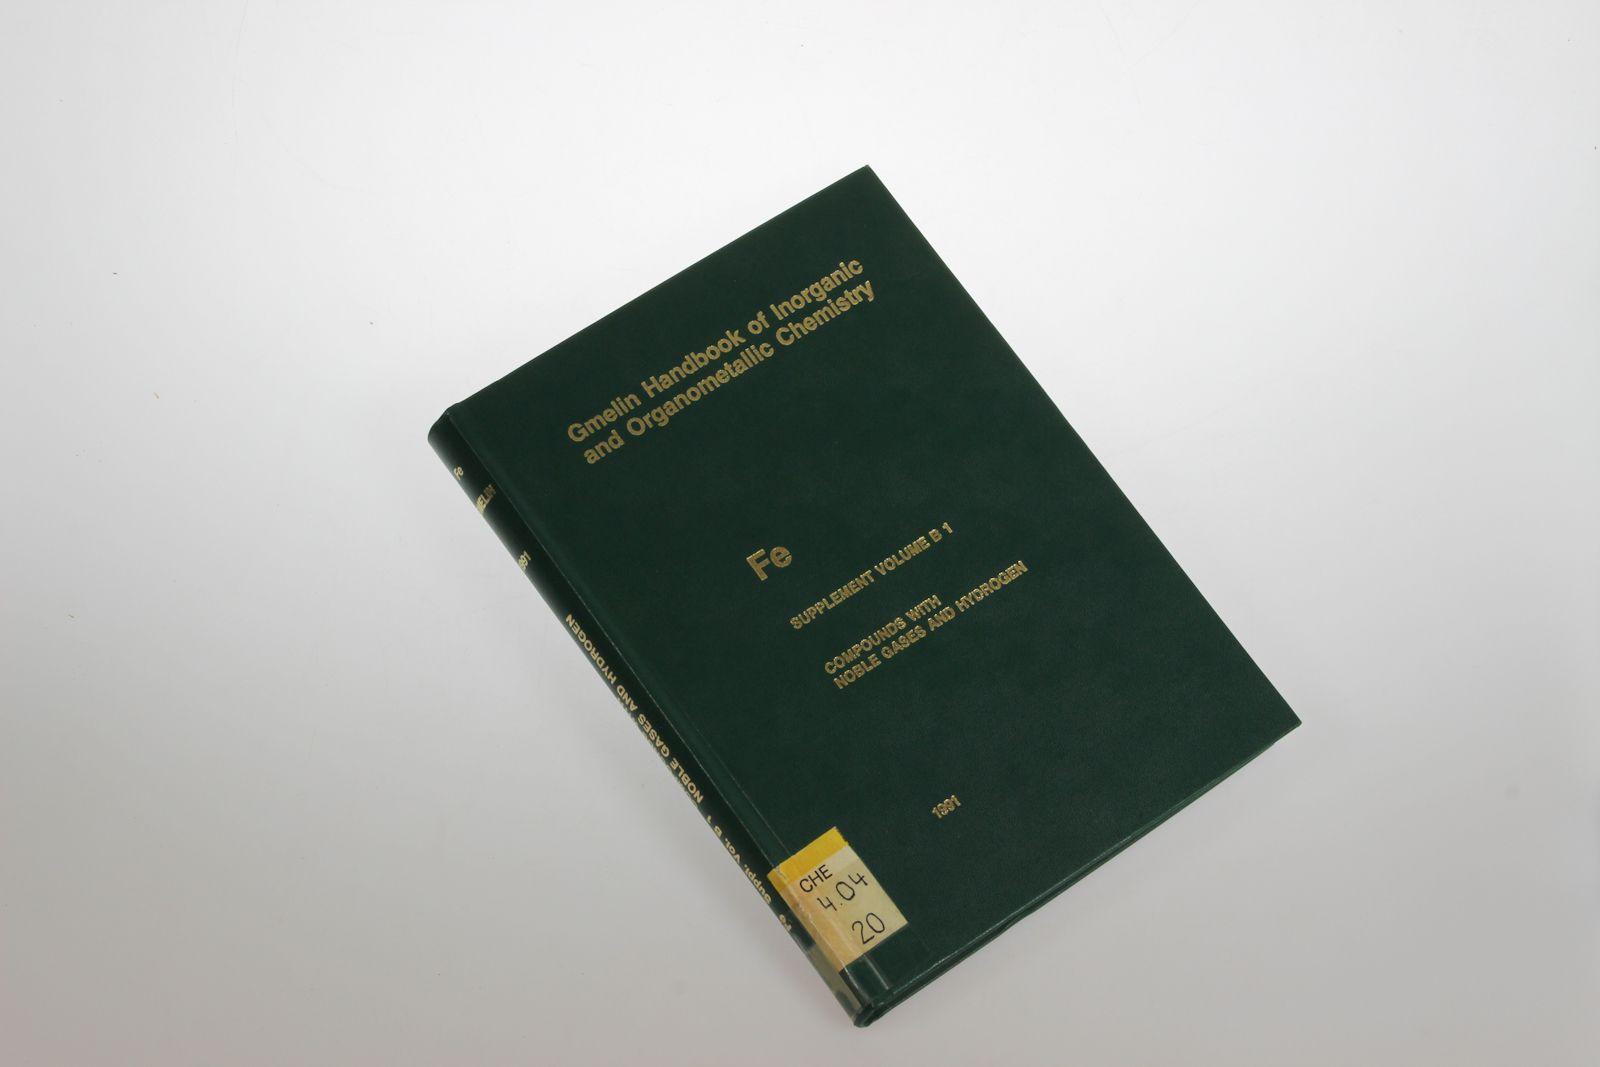 Gmelin Handbook of Inorganic and Organometallic Chemistry. Fe Iron. Supplement Volume B 1: Compounds with Noble Gases and Hydrogen. - Gmelin-Institut für Anorg. Chemie der Max-Planck-Gesellschaft zur Förderung d. Wissensch. (Hg)